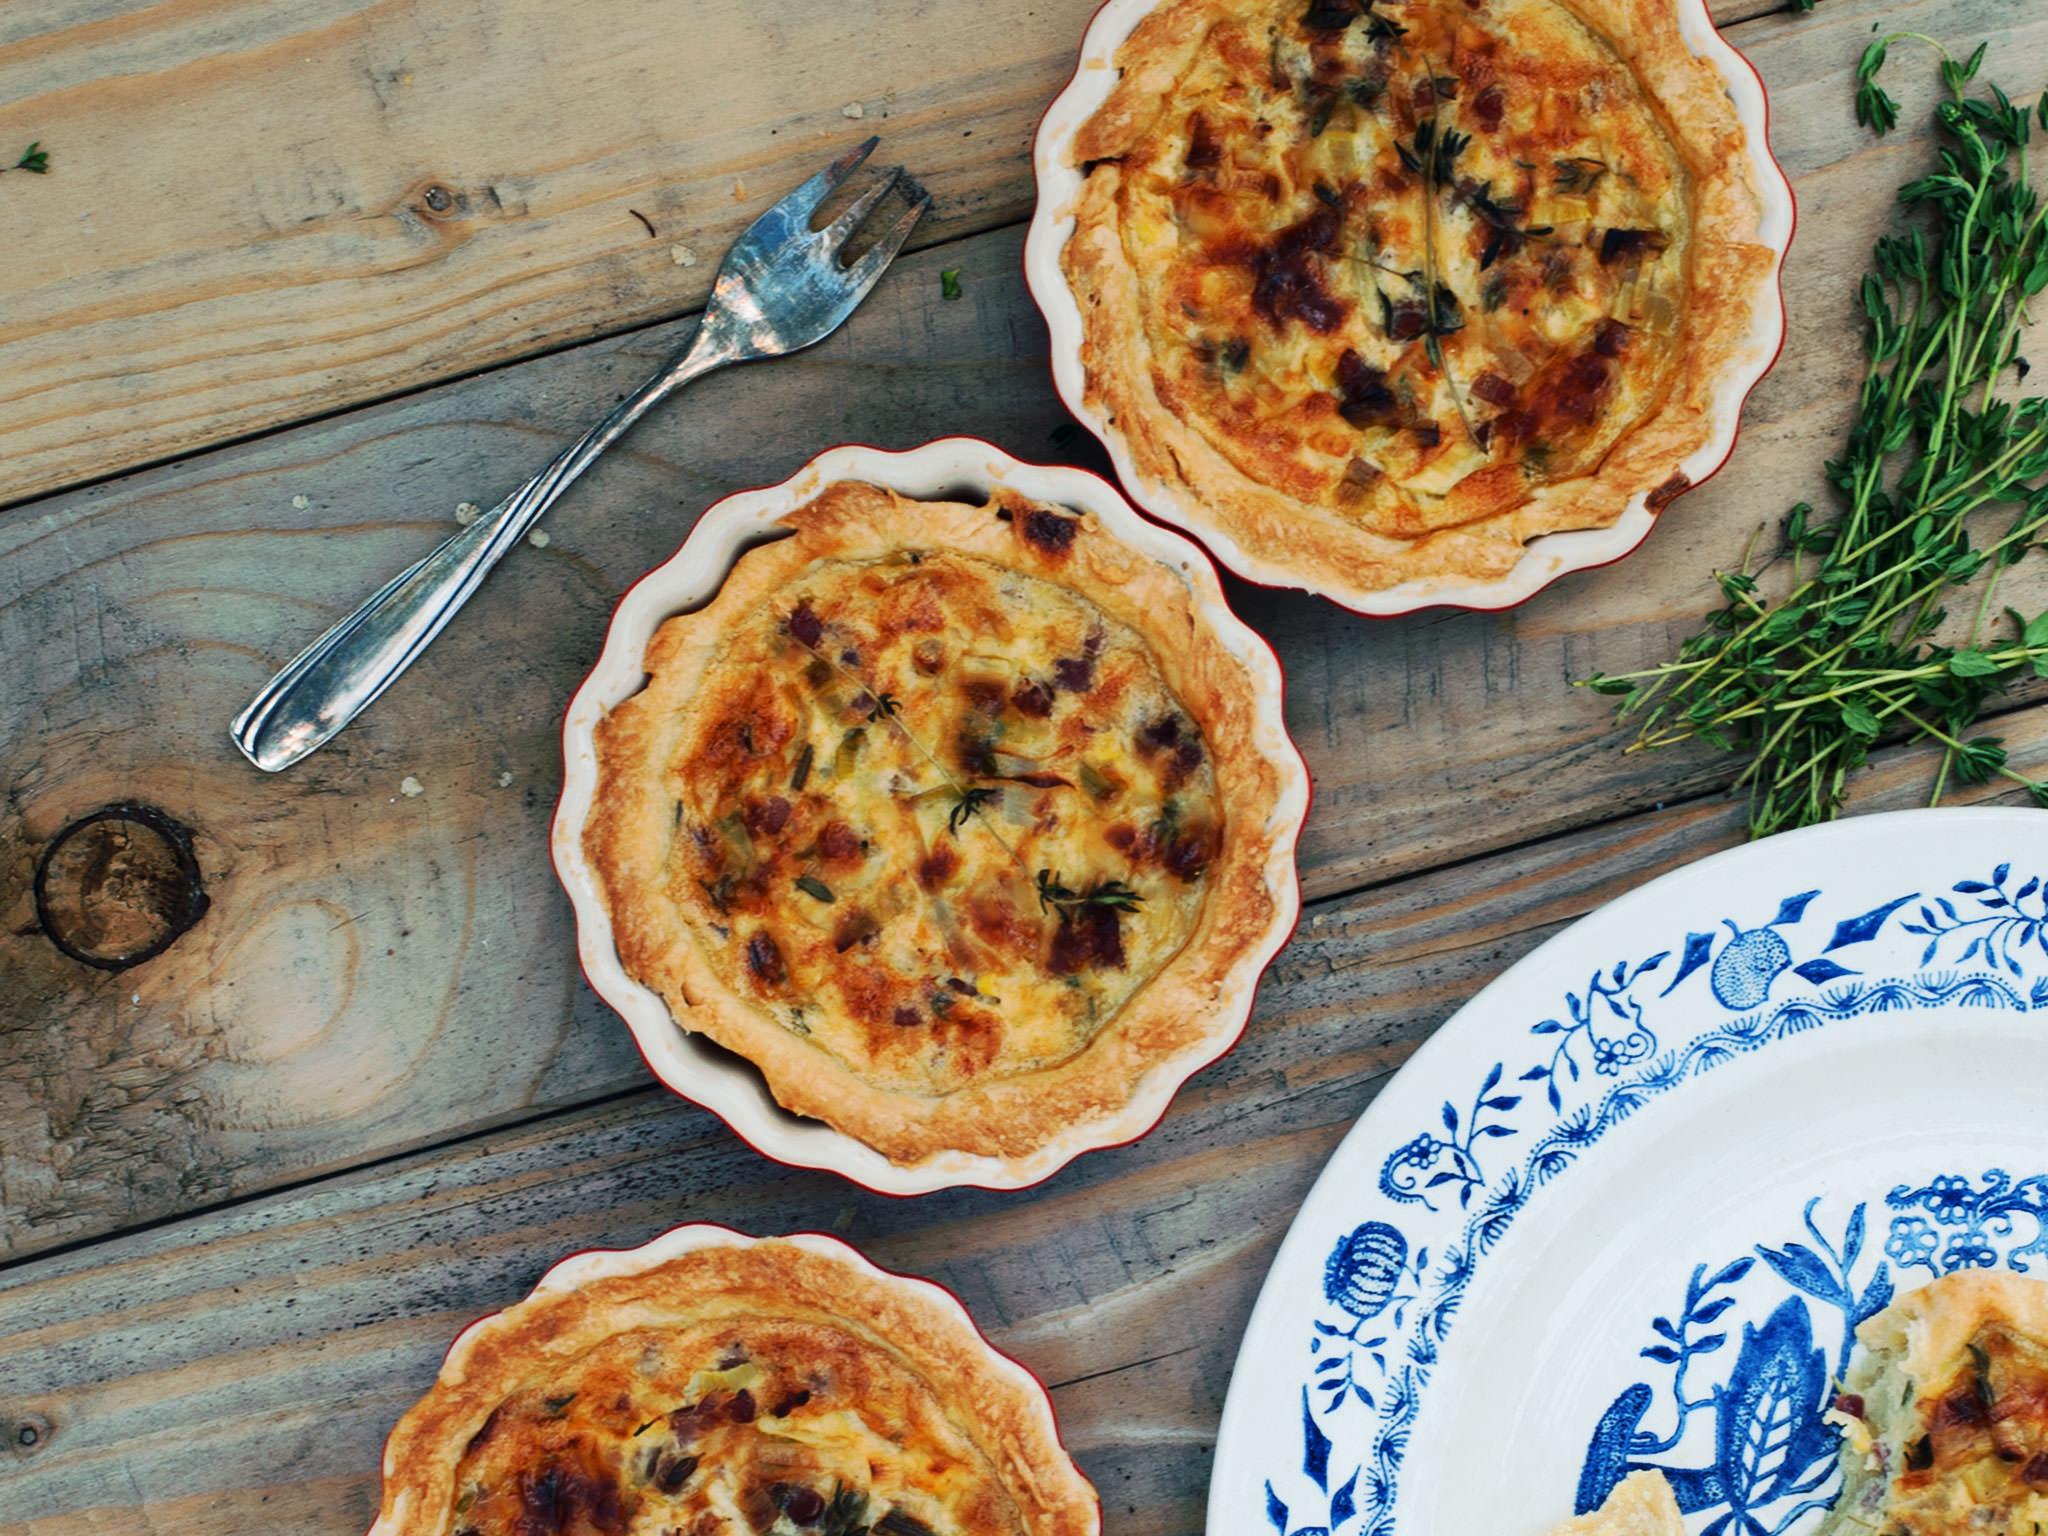 Quiche Lorraine cu spanac, brânză și bacon- rețetă tradițională franțuzească de tartă sărată